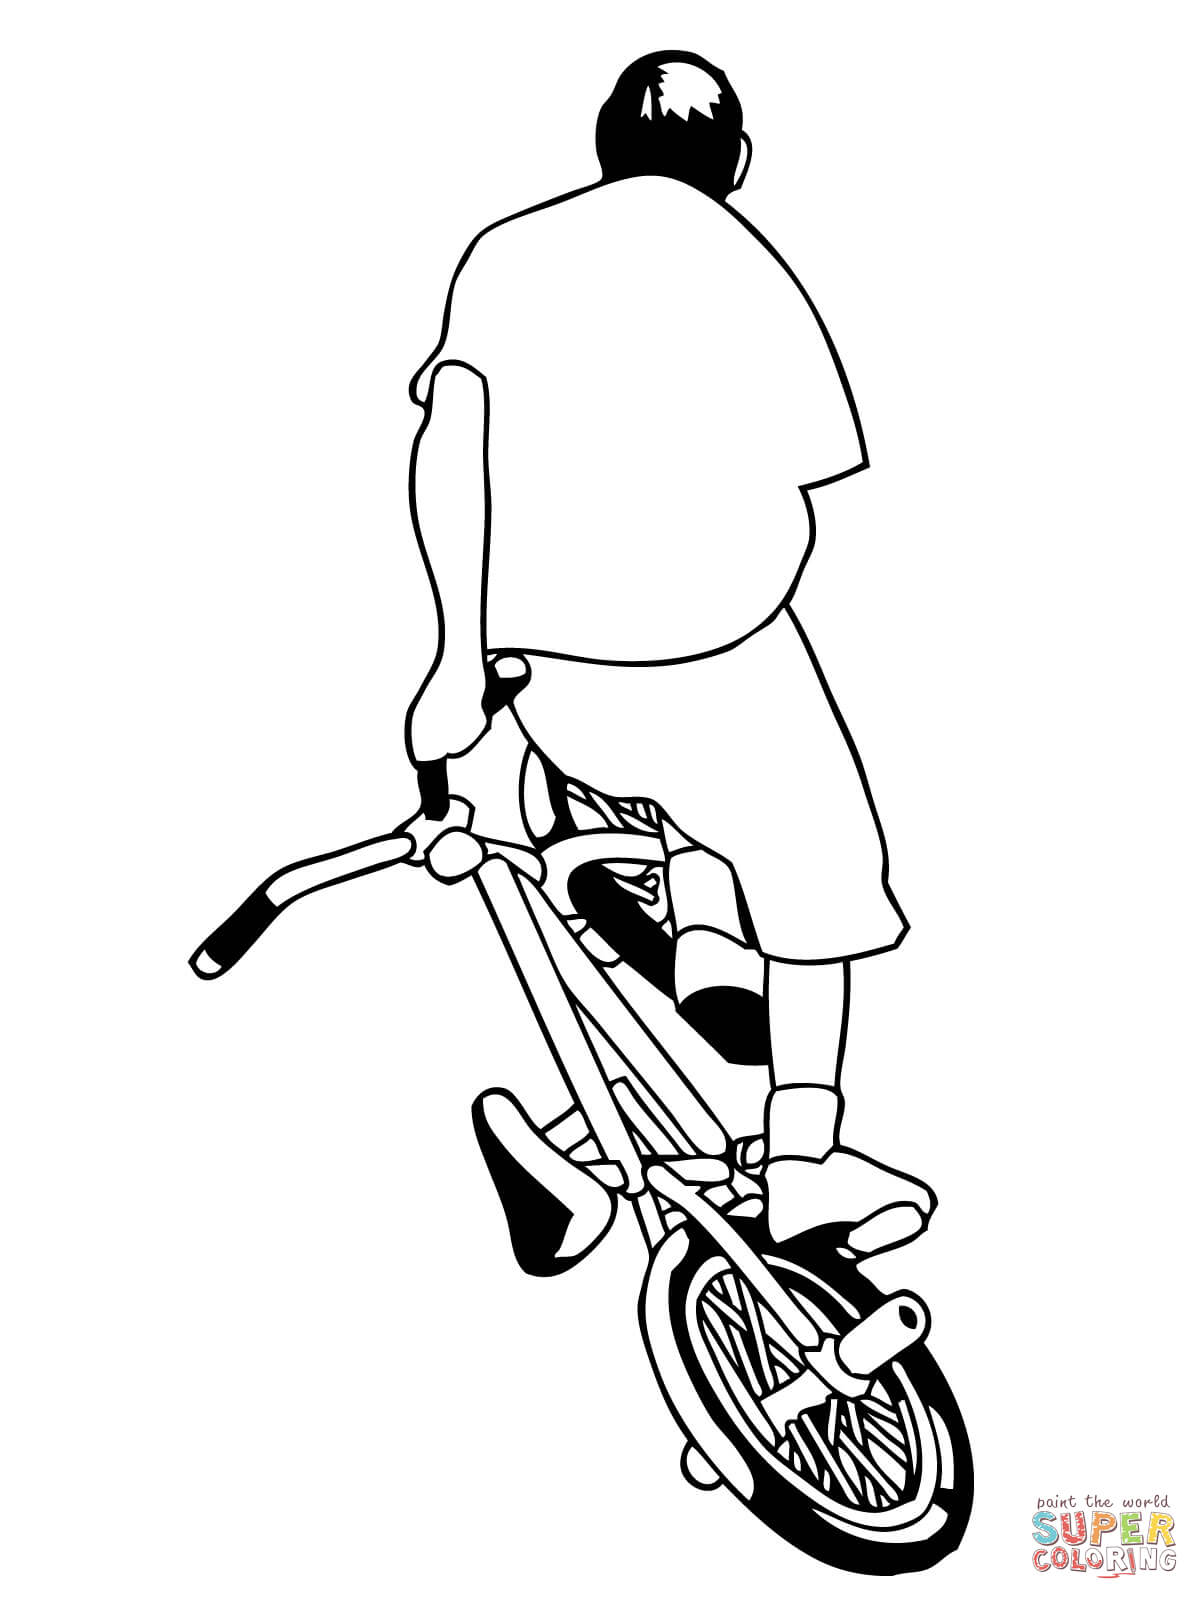 Раскраски для детей с велосипедистами. Детские раскраски велоспорт. Раскраски для детей с велосипедистами. Детские раскраски велоспорт. Раскраски для детей скачать бесплатно. Бесплатные раскраски. Раскраски про спорт скачать бесплатно.